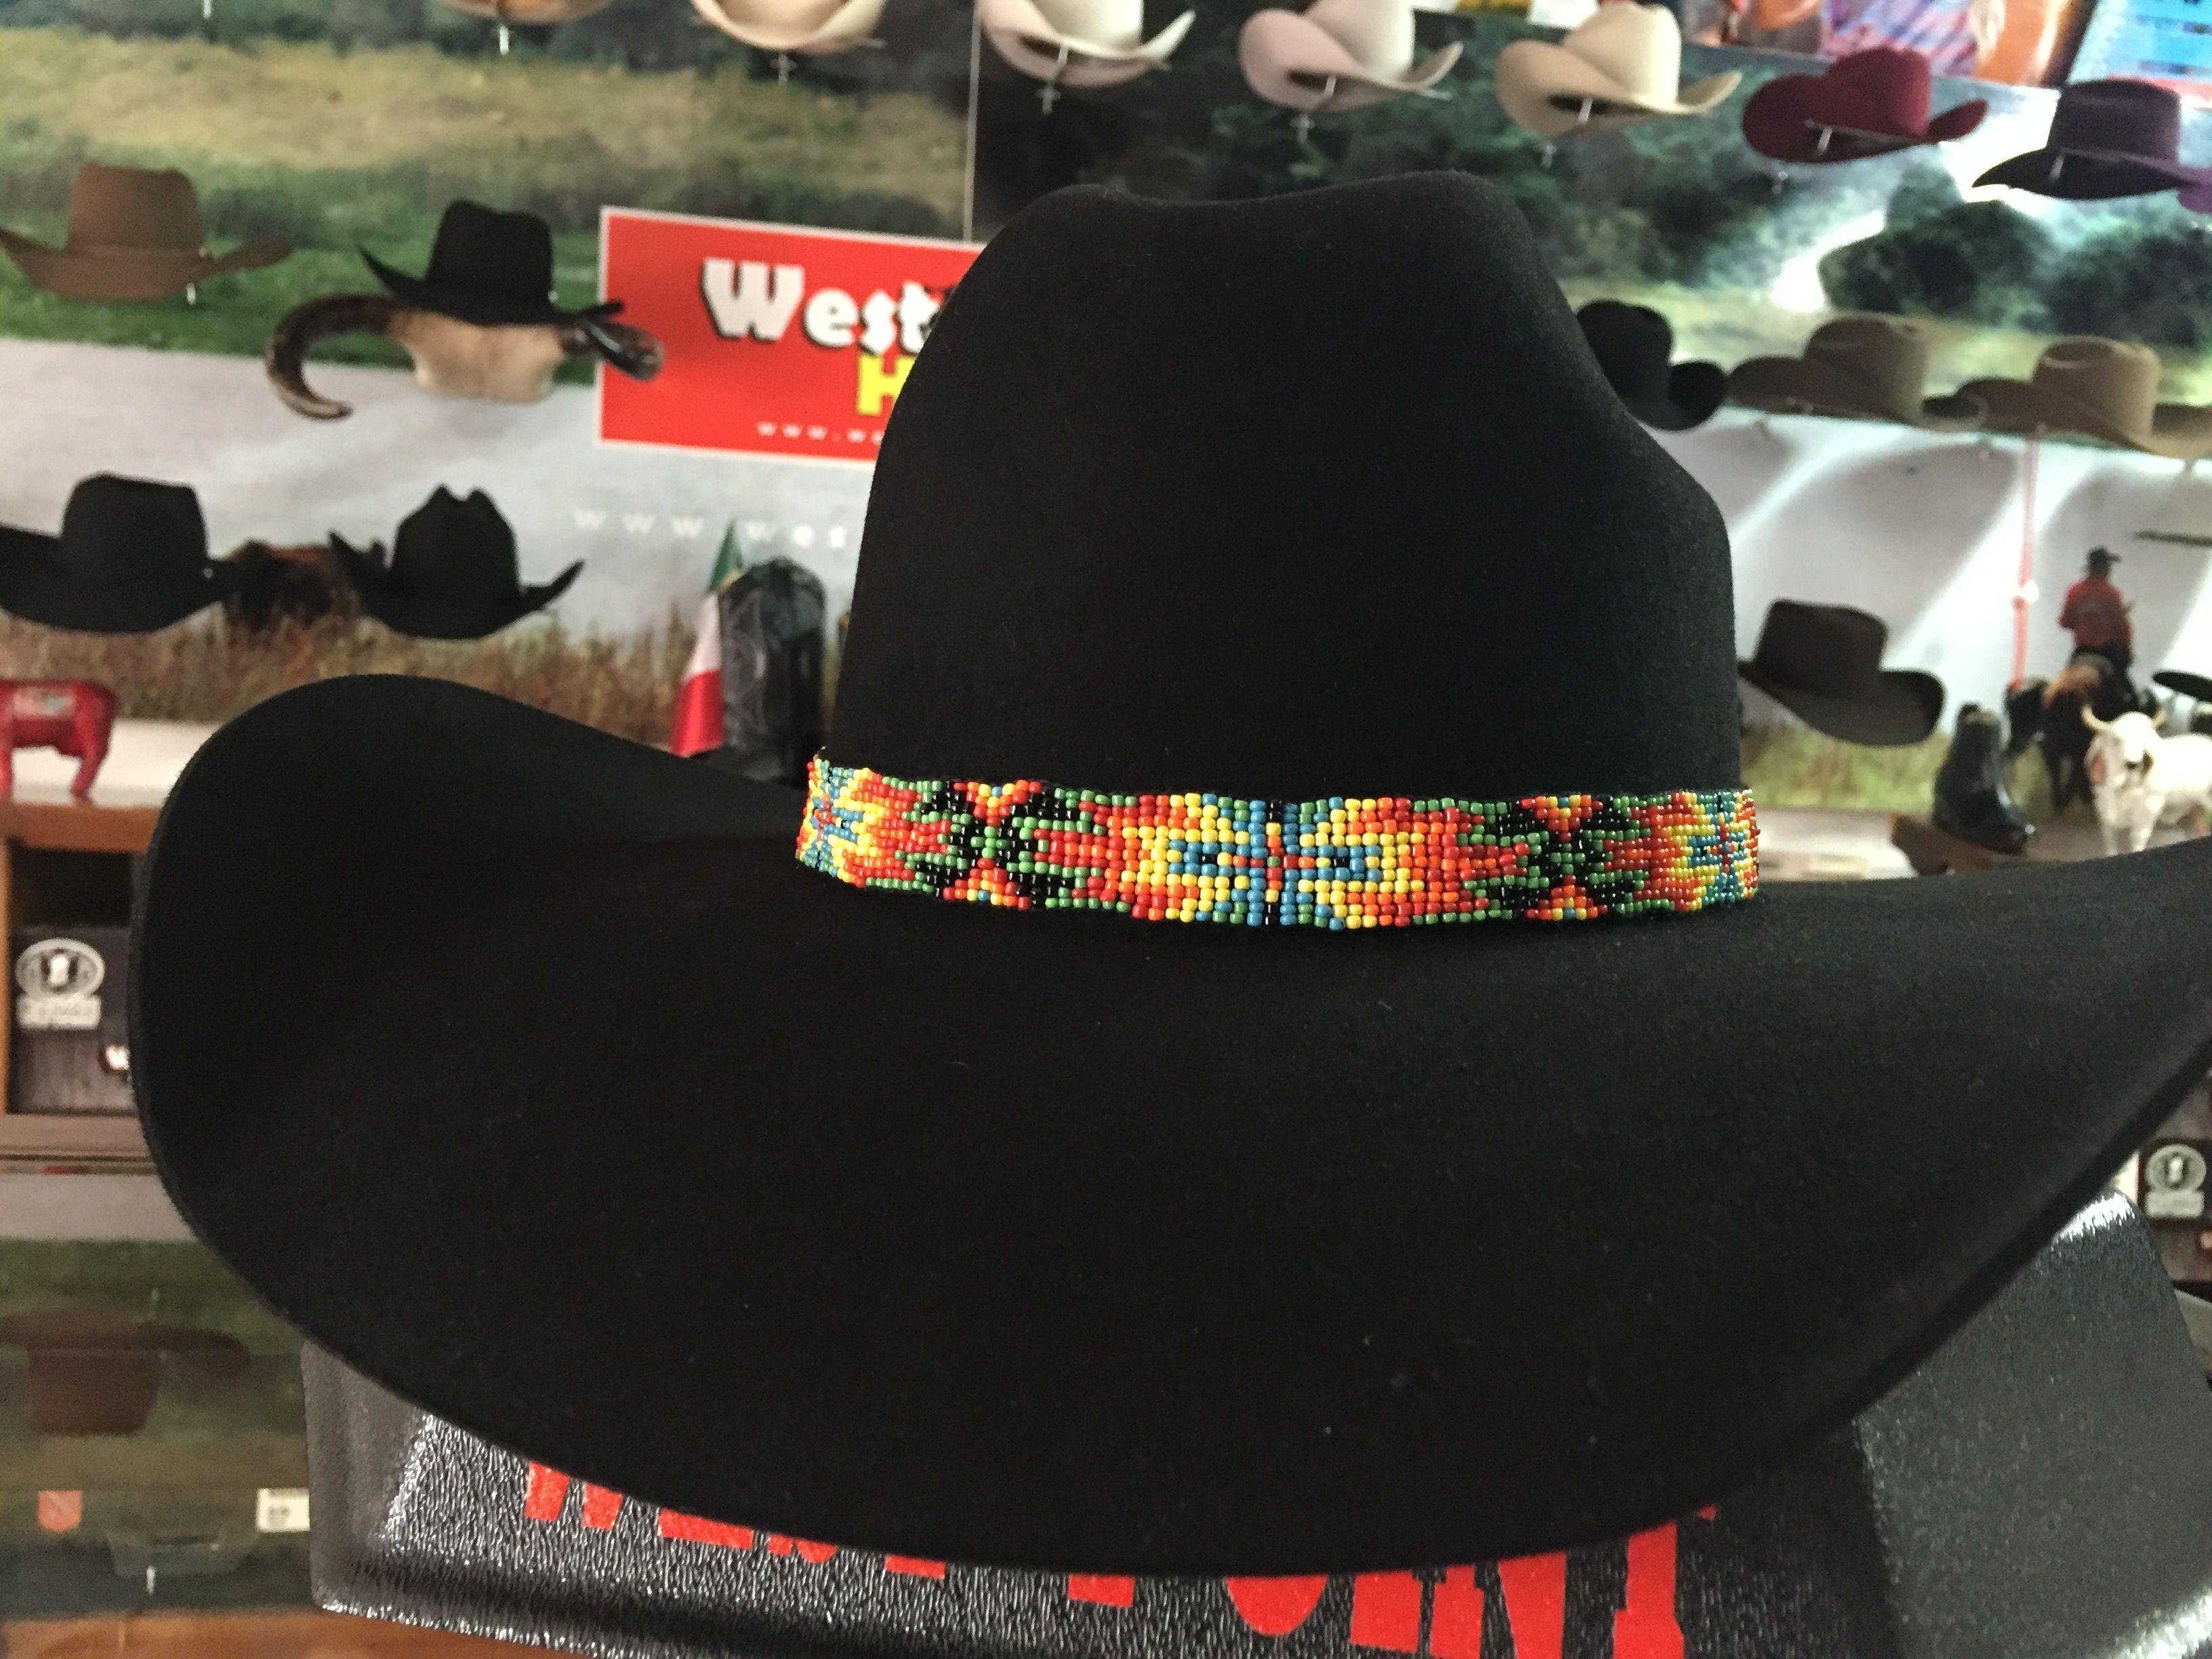 Pin de WestPointHats (Texanas y Sombreros WestPoint) en Texanas ... 1887f34f730